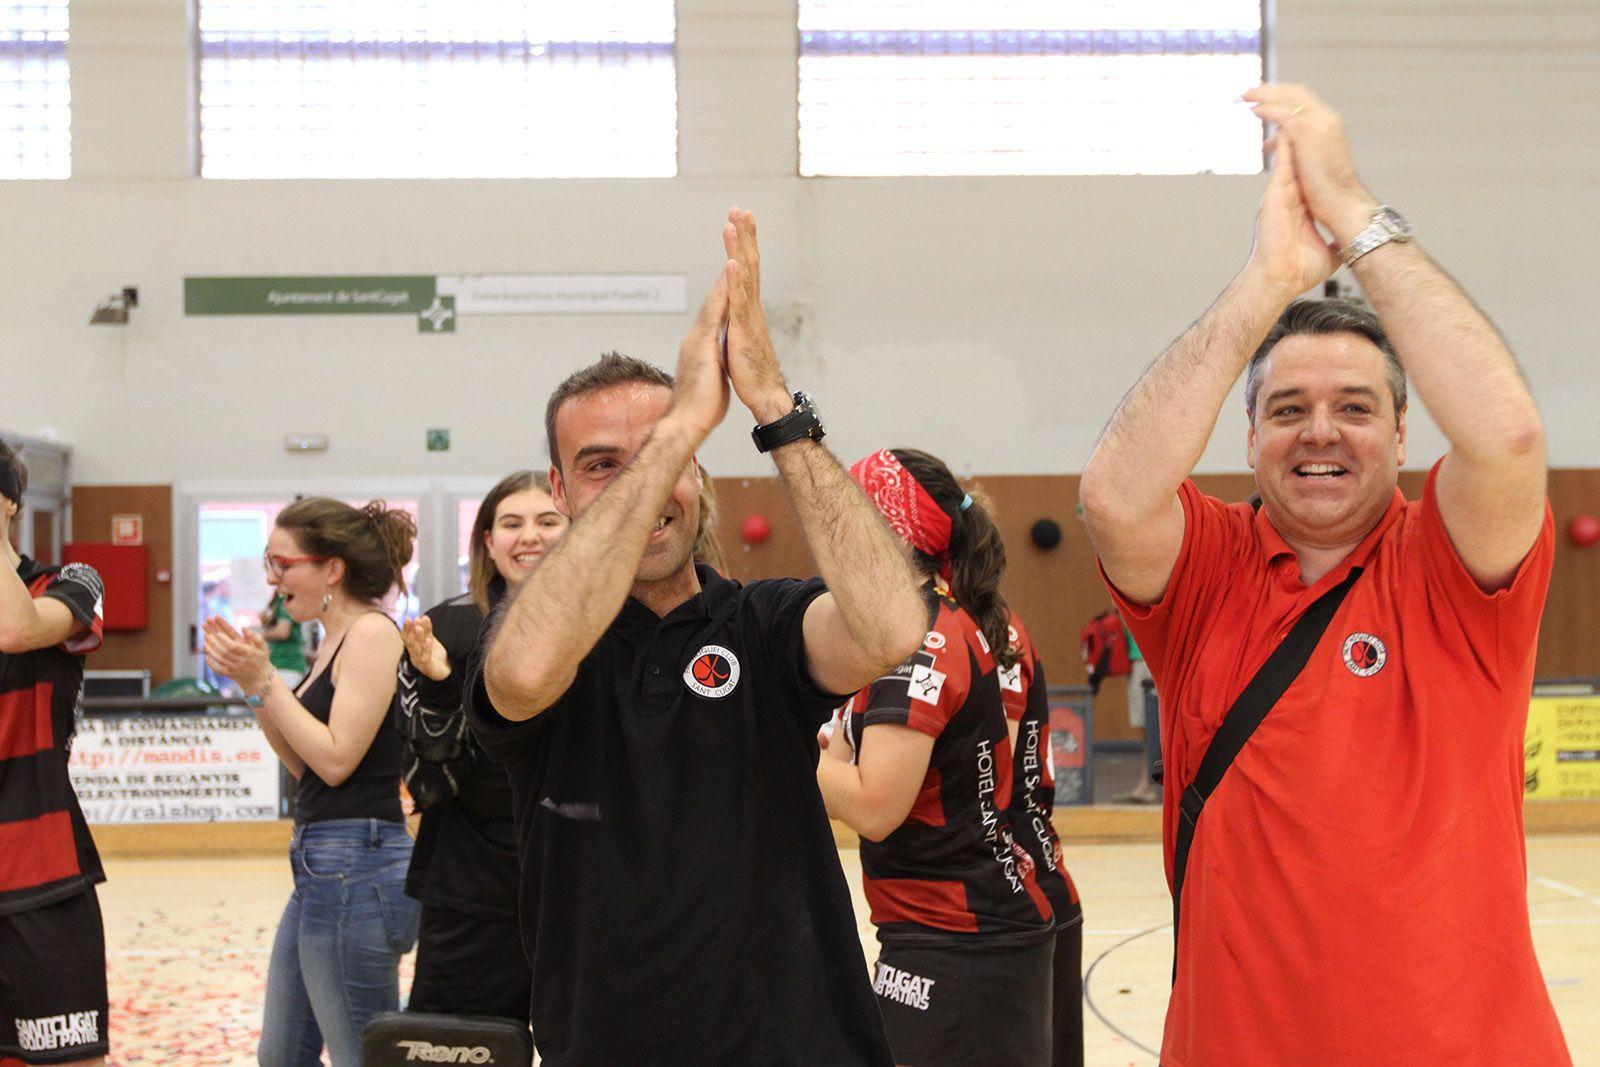 Jaume Oms i Gus de los Santos aplaudint al públic FOTO: Haidy Blanch